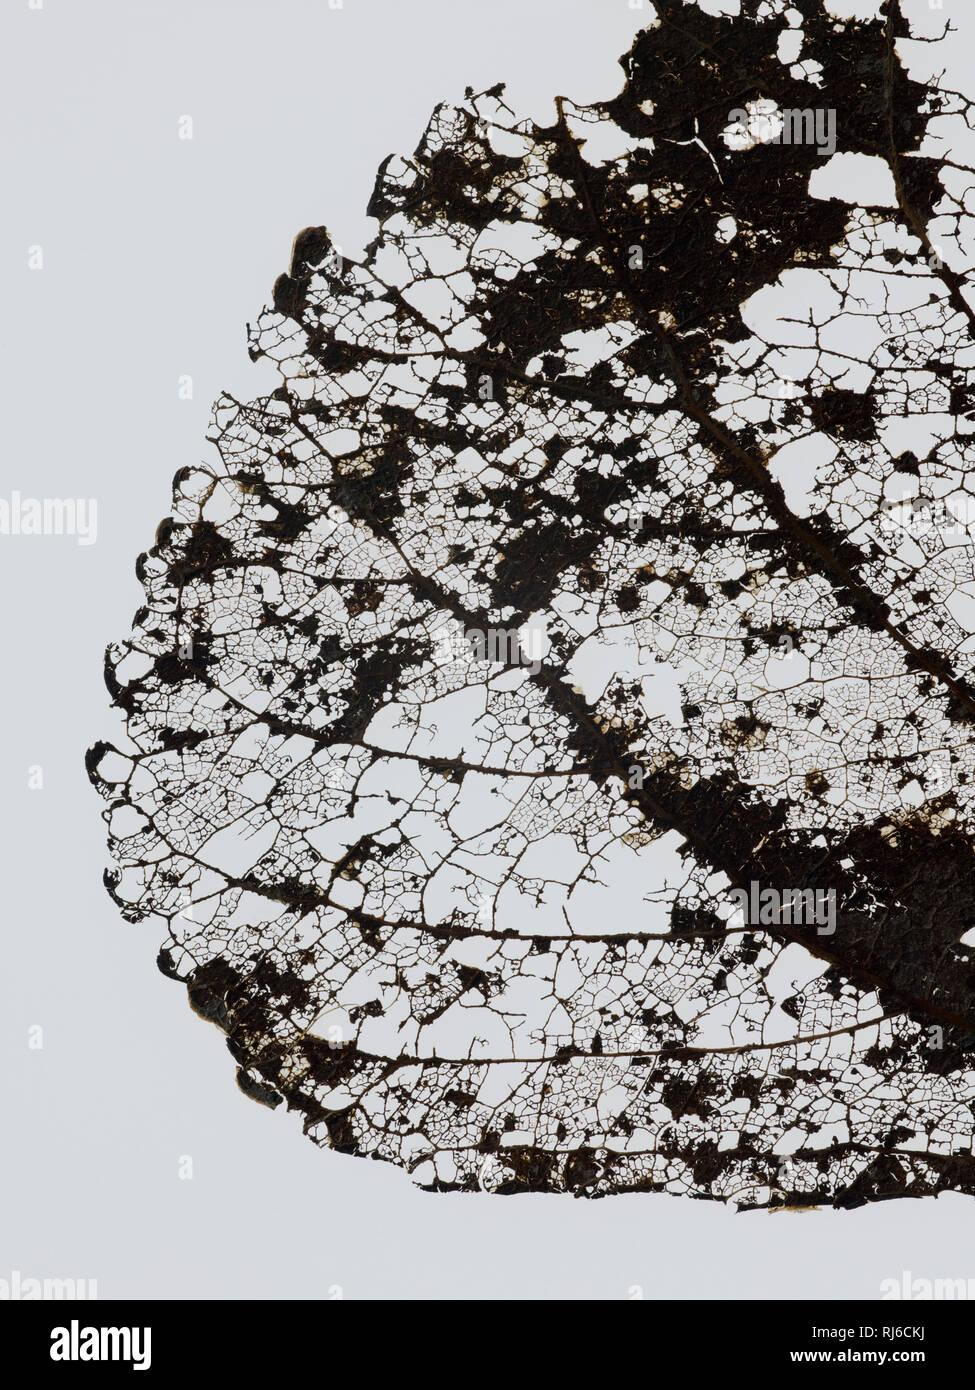 Vertrocknetes Blatt einer Pappel im Herbst vor weißem Hintergrund, Detail Stockbild